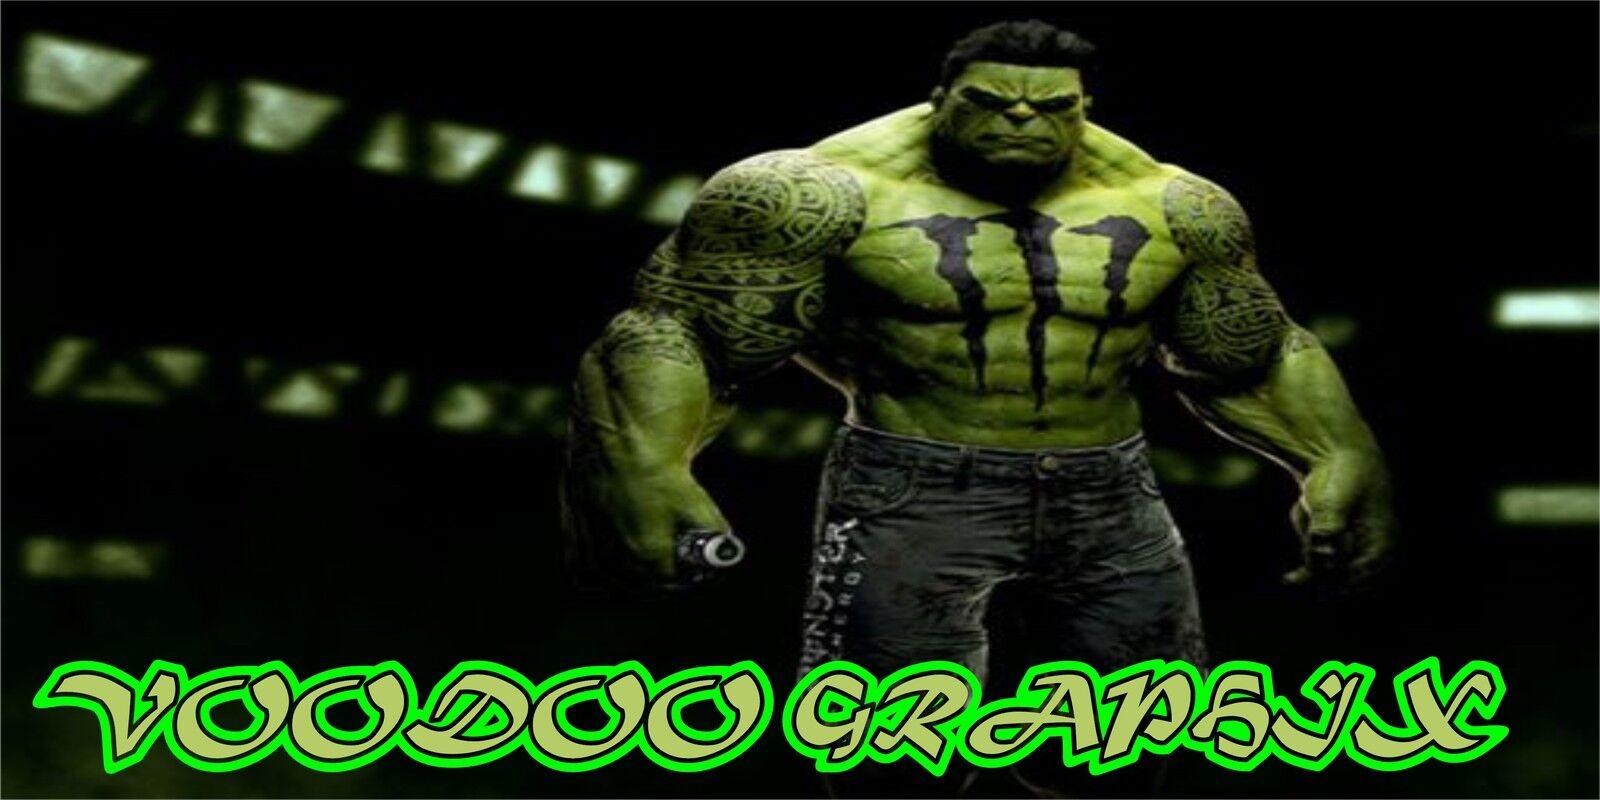 Voodoo Graphix